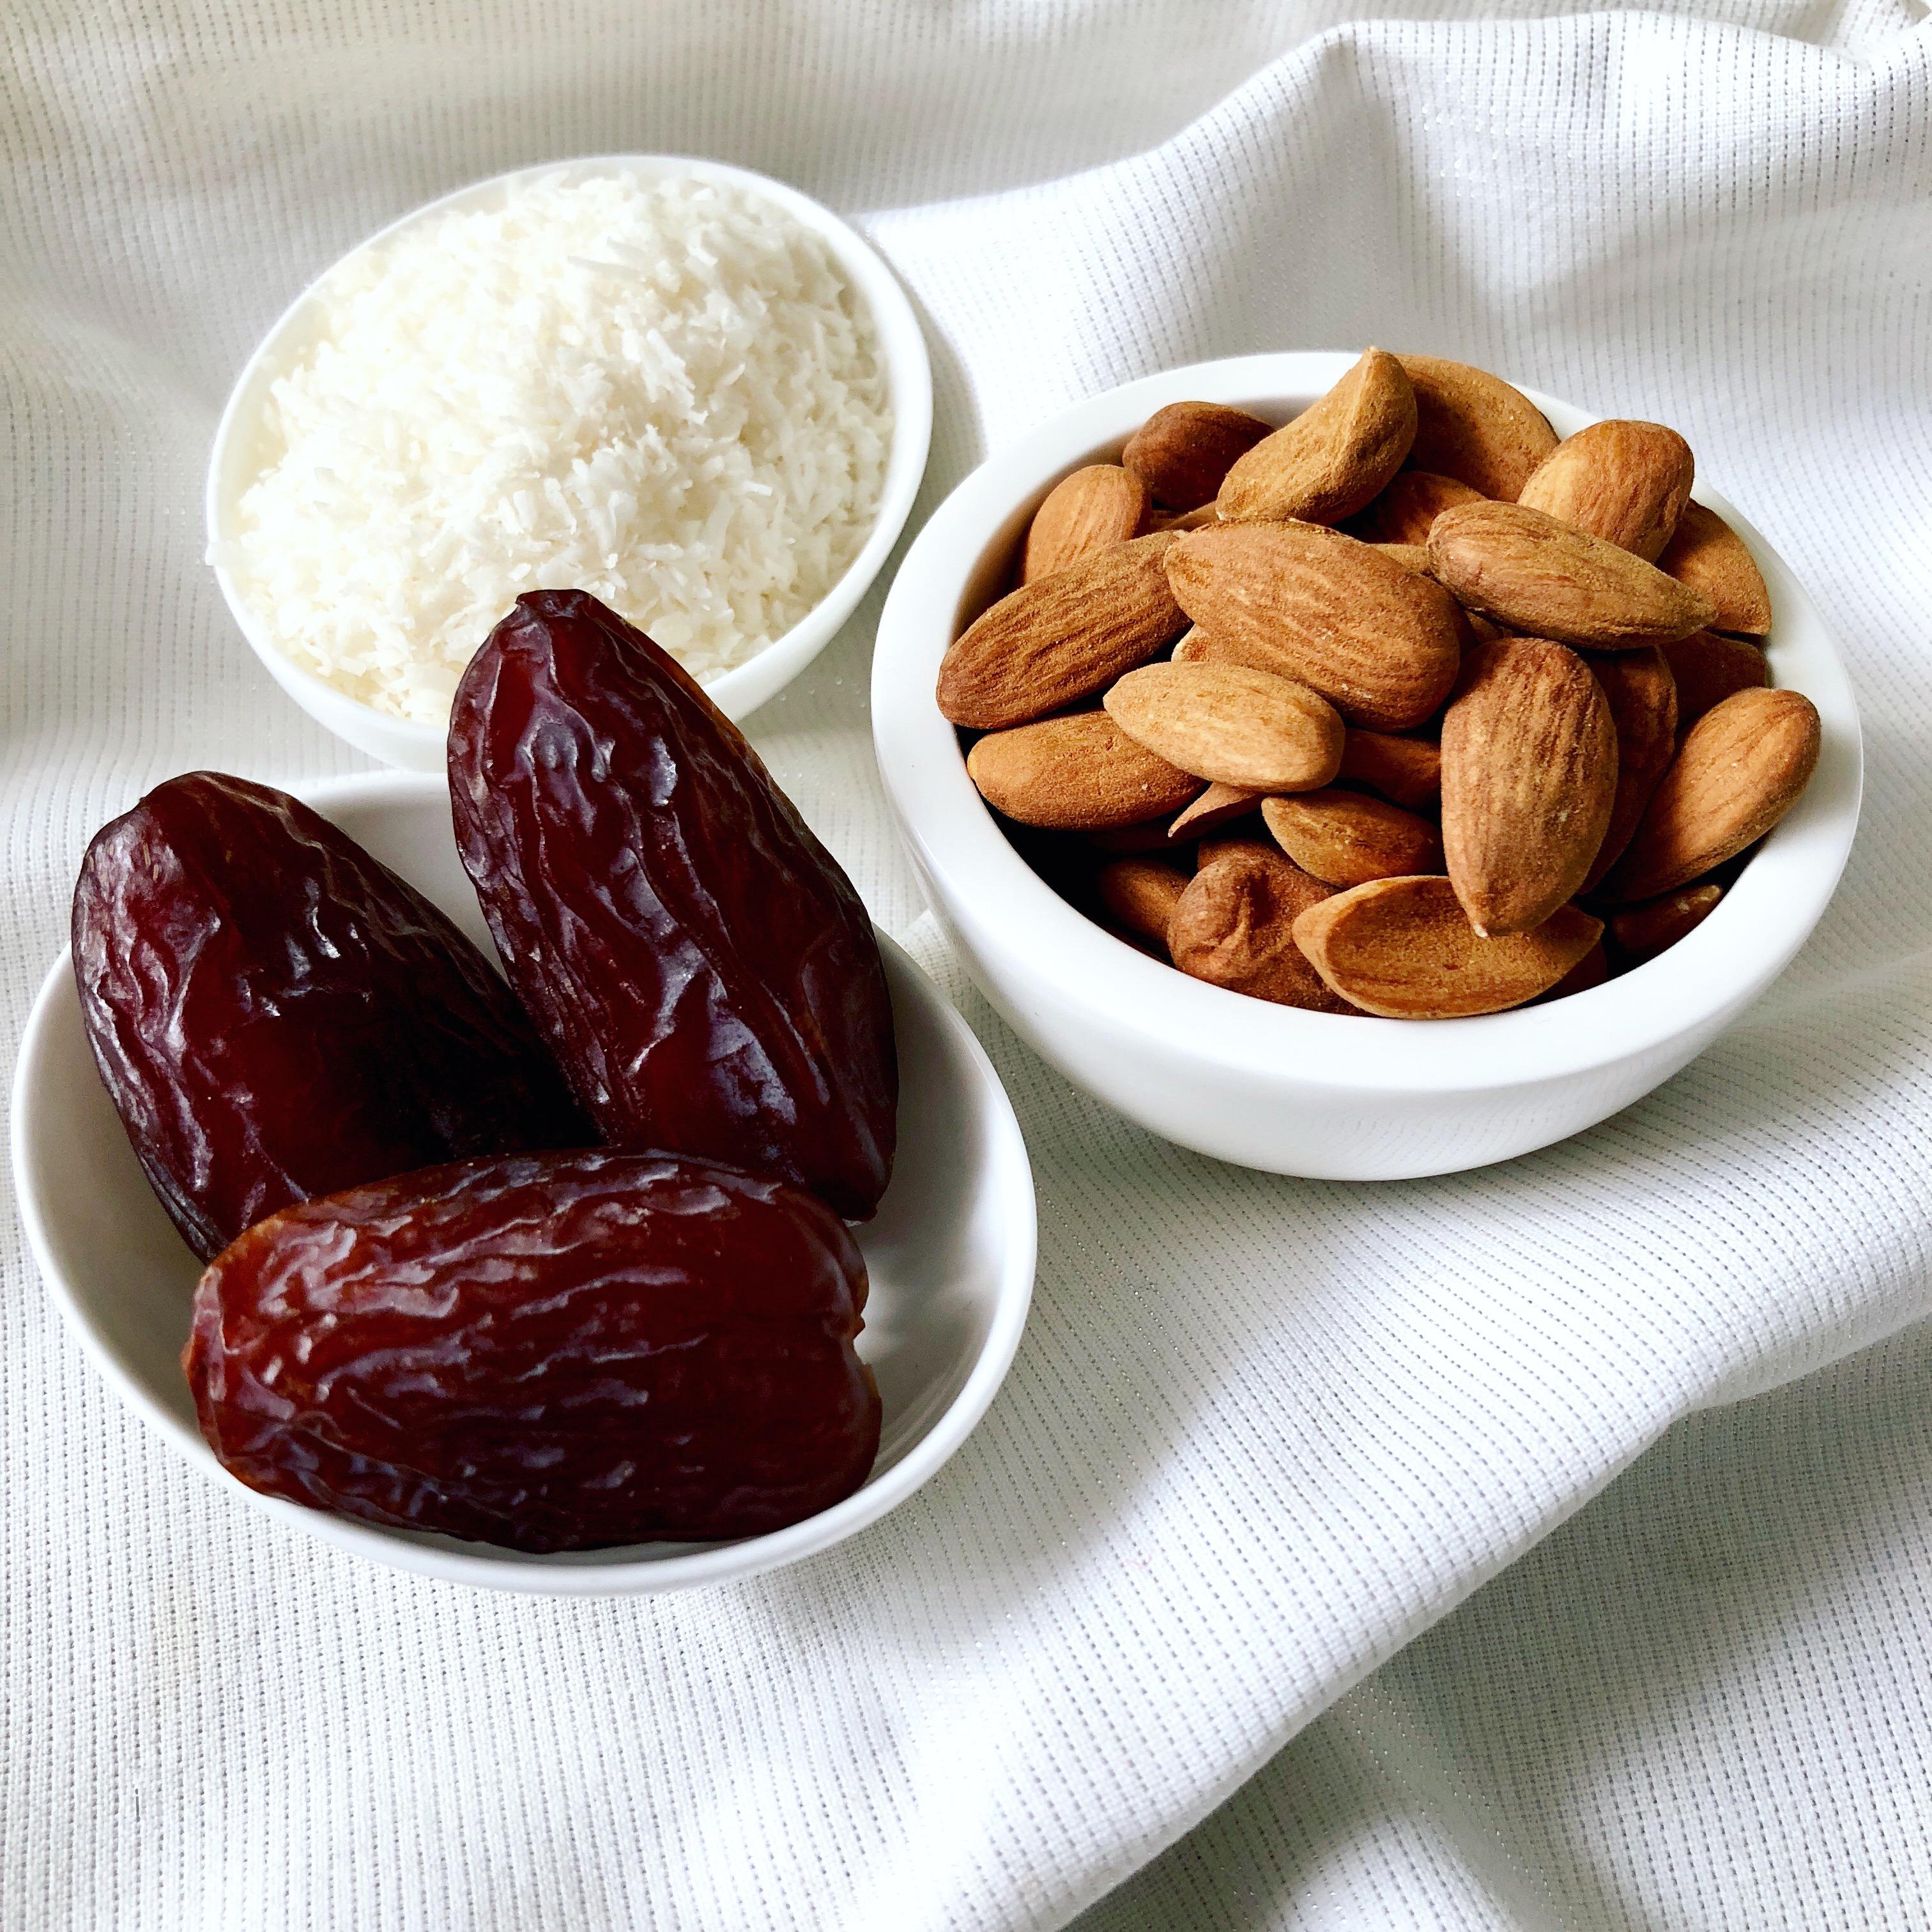 IMG 2728 - Perles Coco-datte pour une santé cardiaque au Zénith